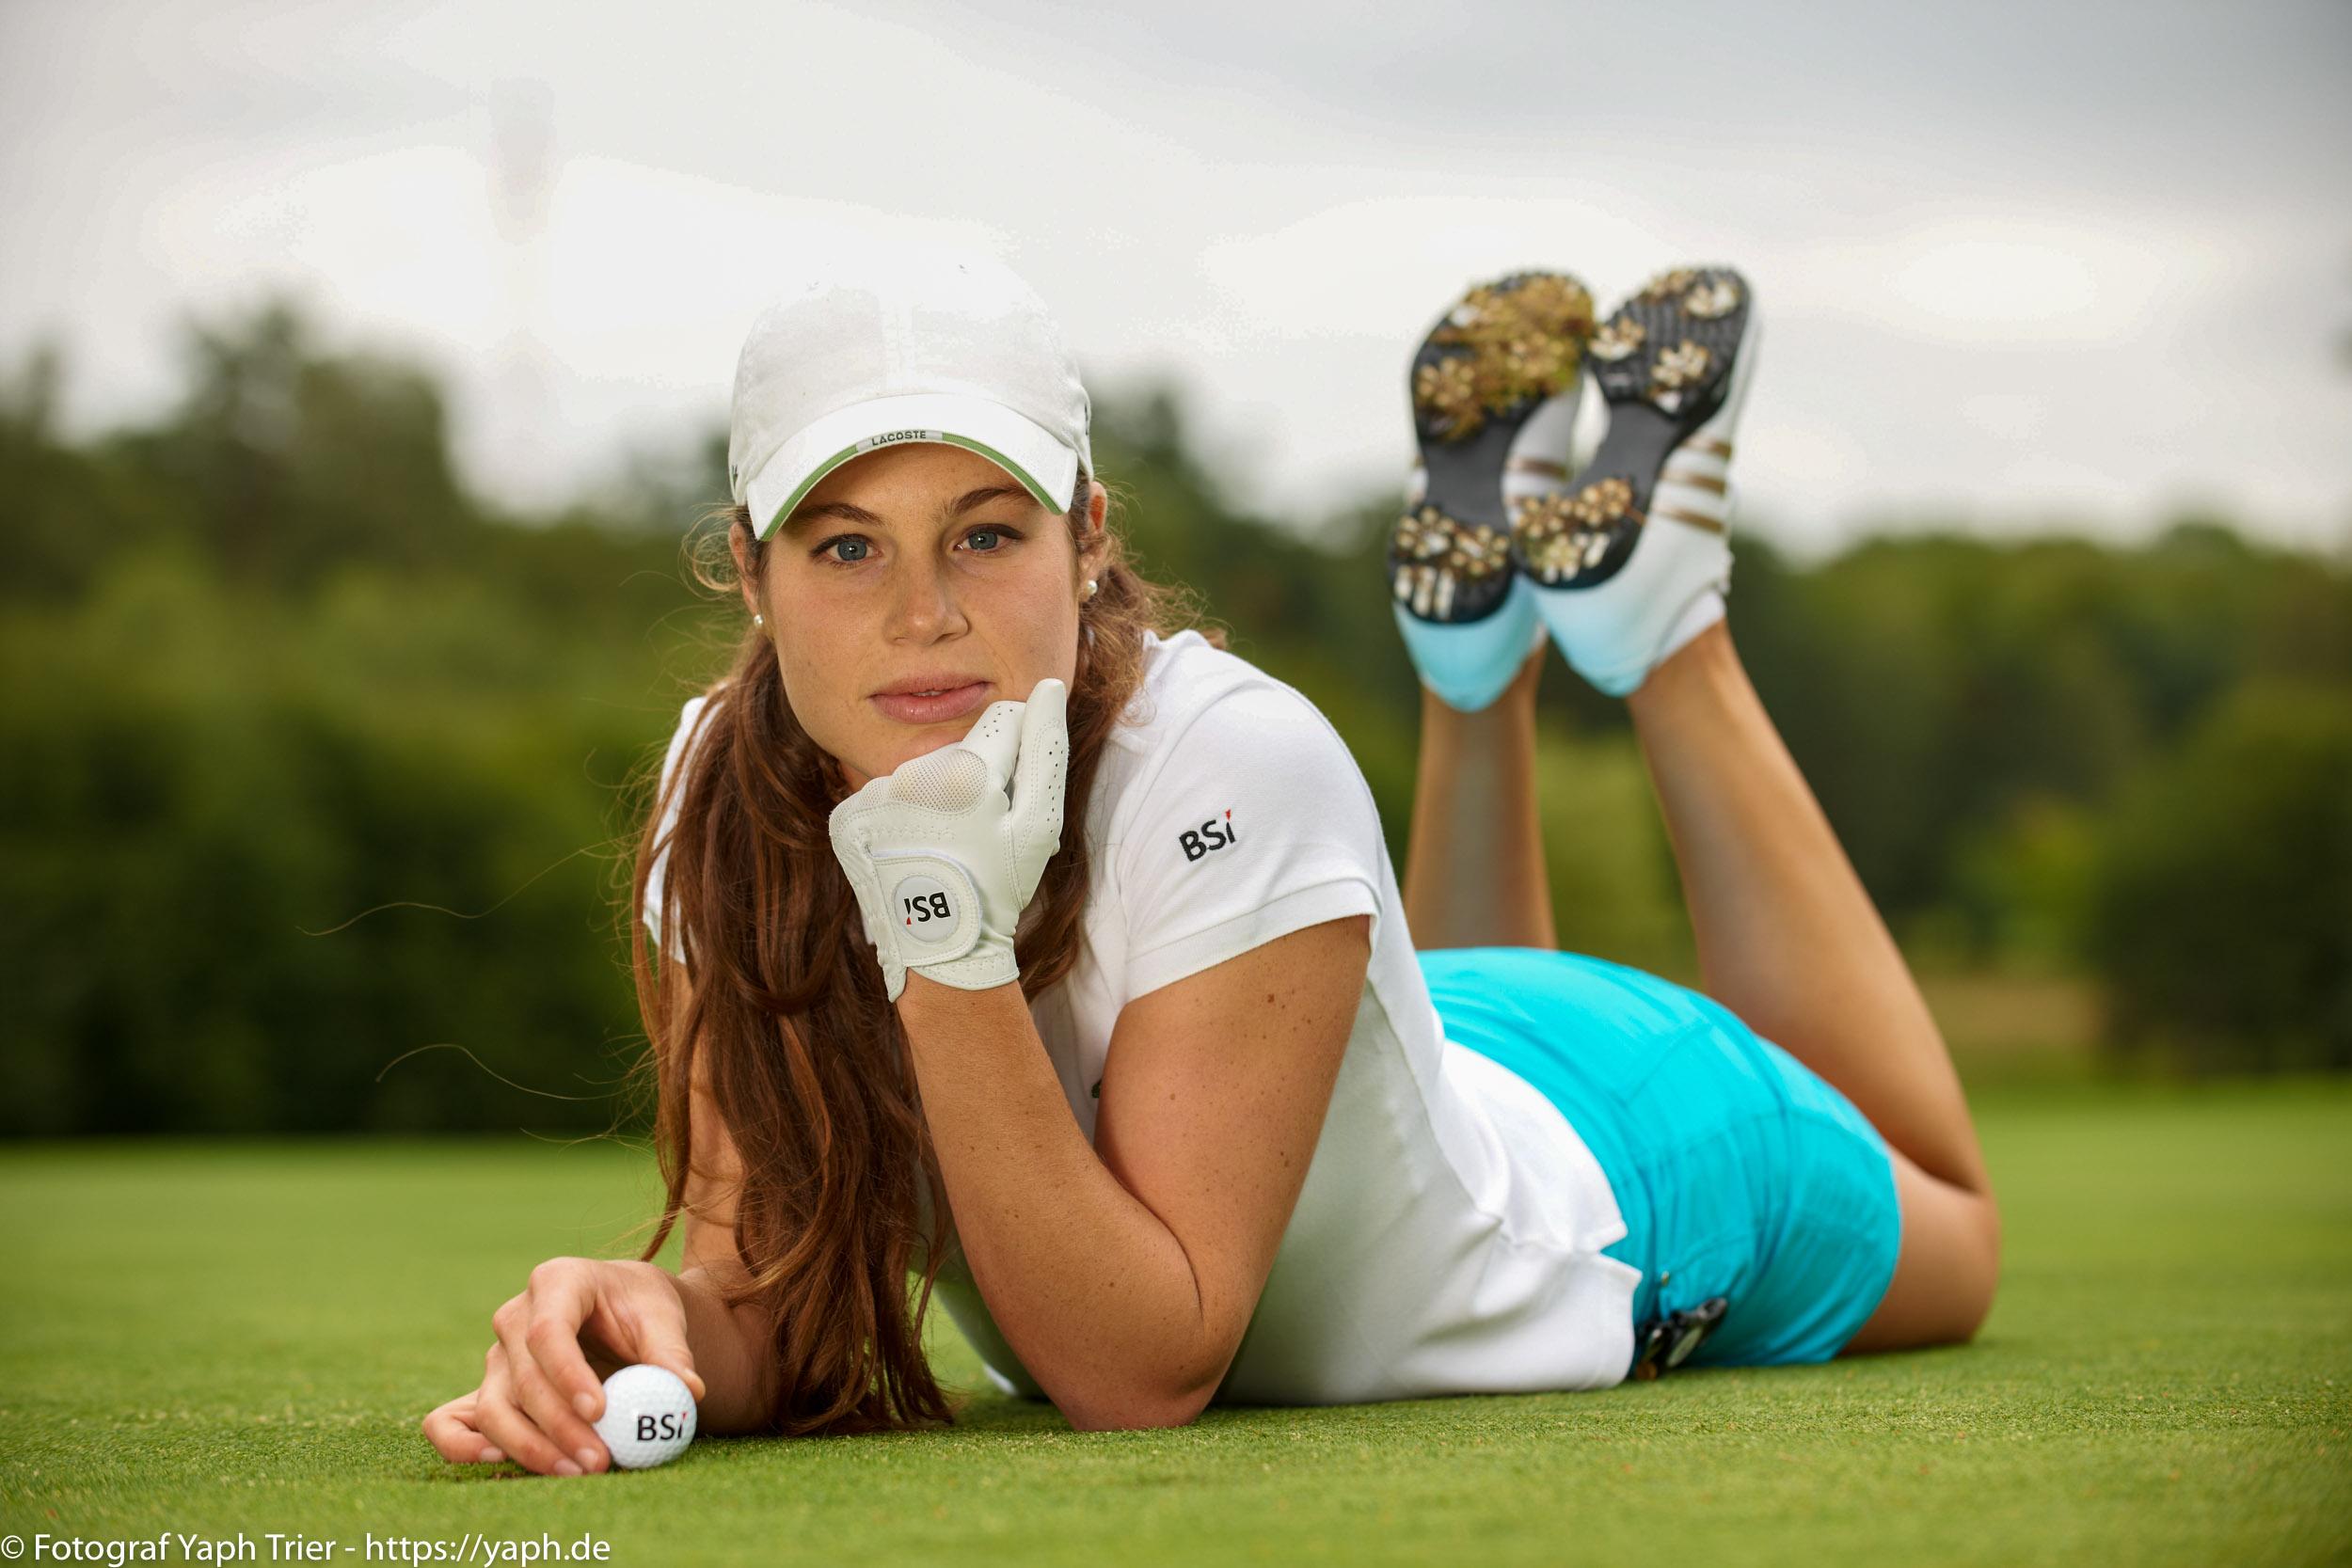 Liebelei Elena Lawrence - luxemburger Golfspielerin bei Fotograf Yaph - 27